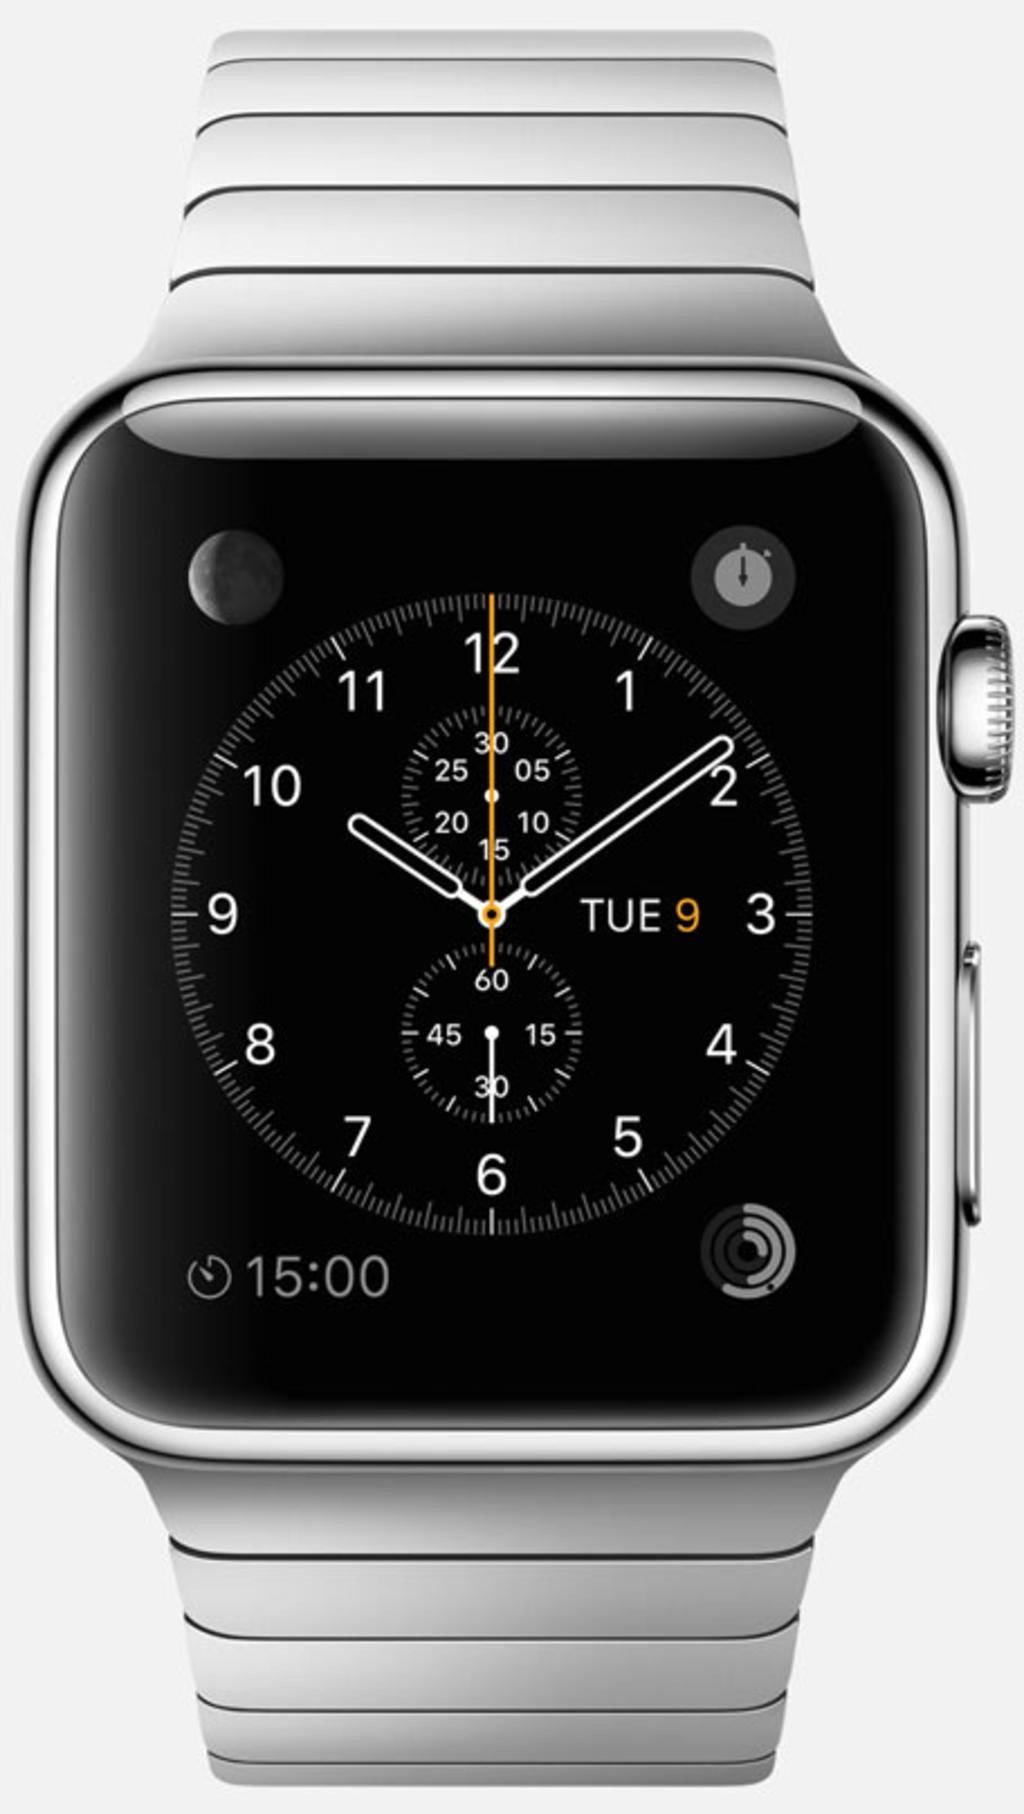 apple-watch-saat-ekran-090315